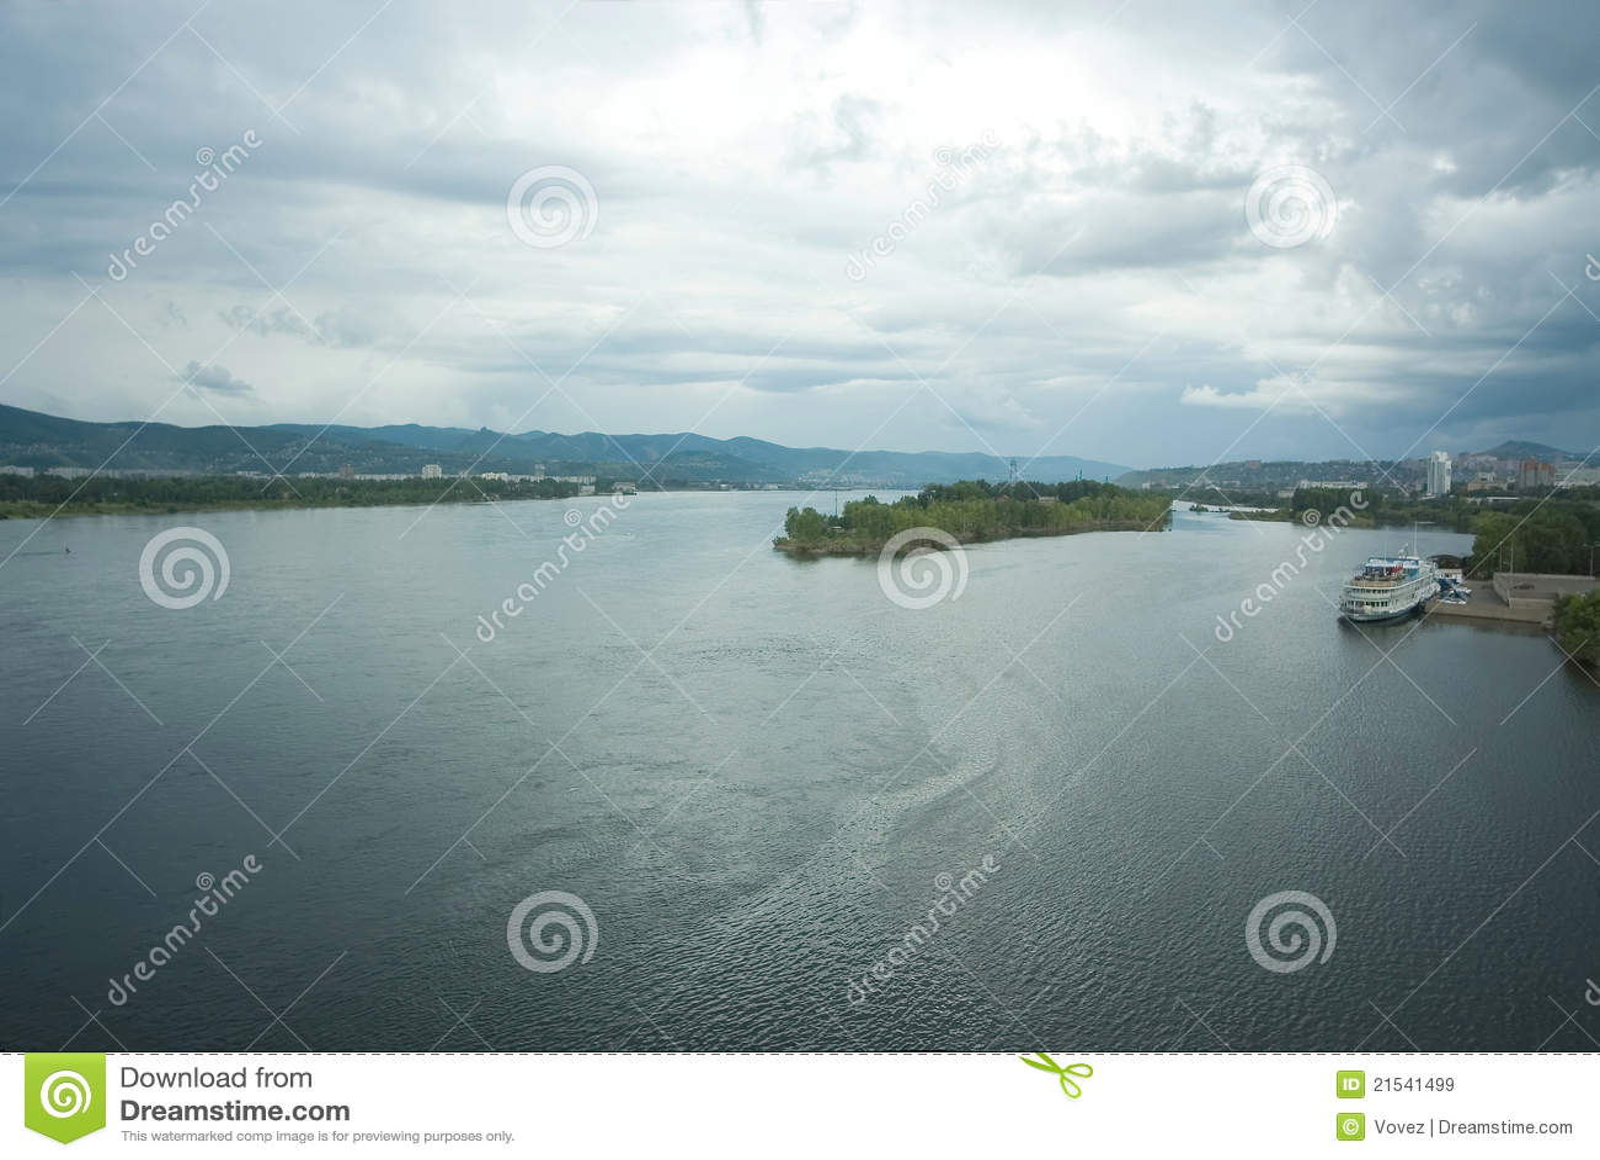 Krasnoyarsk, río Yenisei